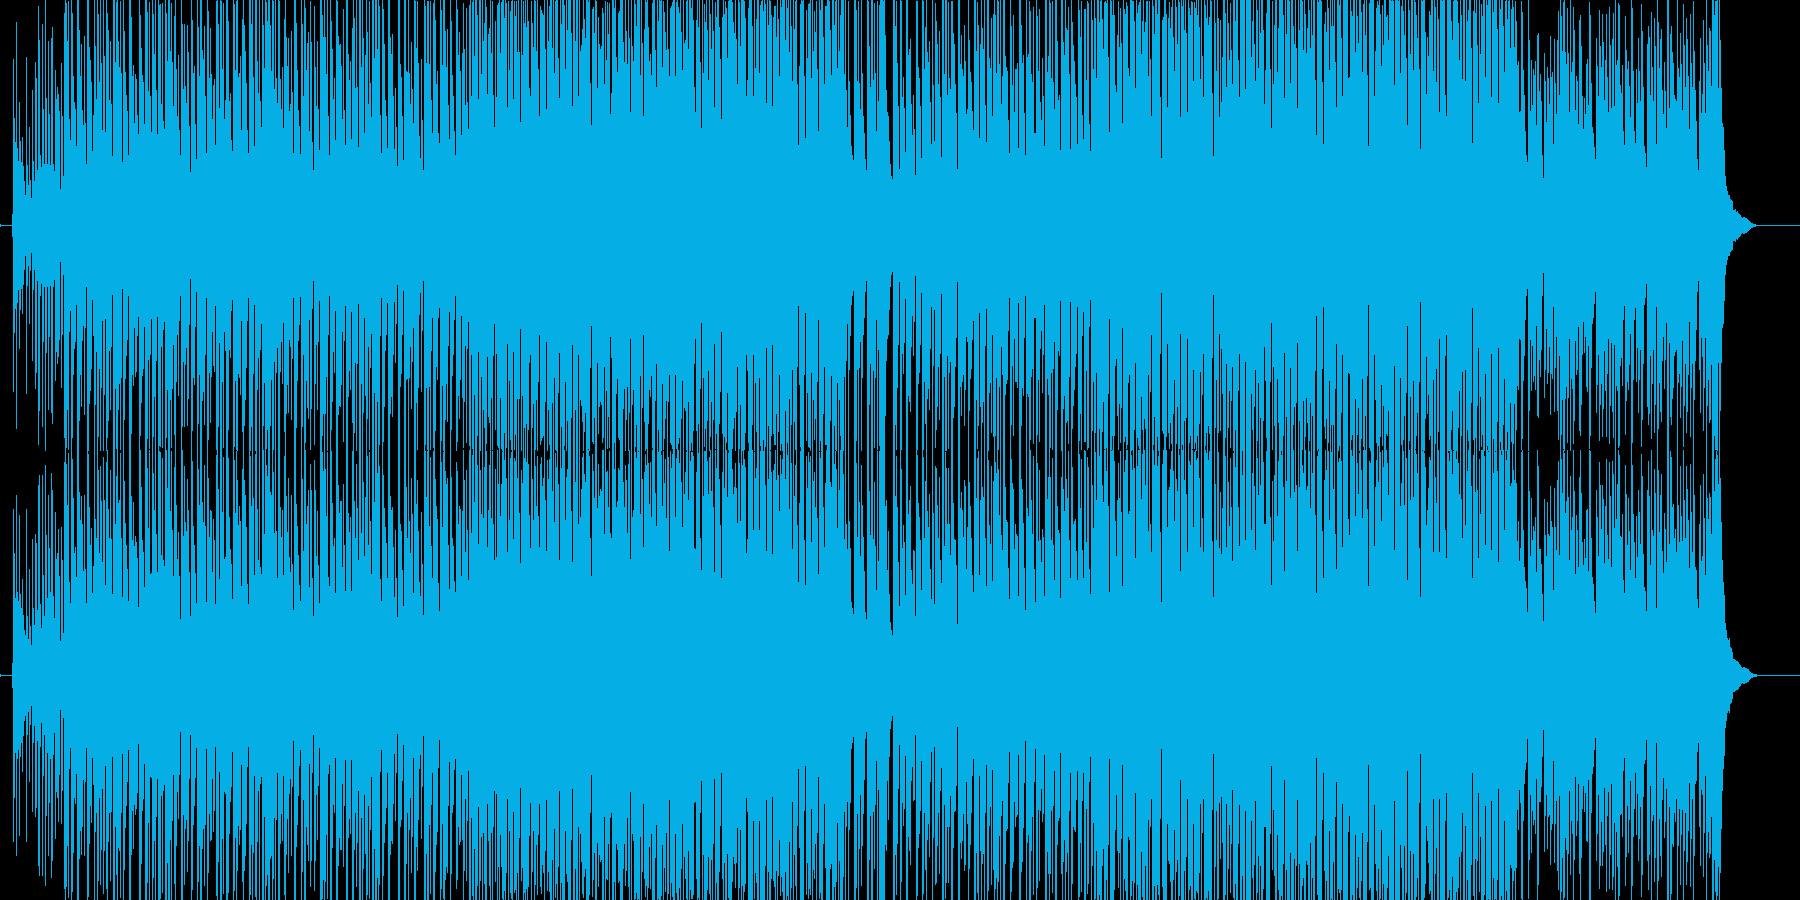 ど真ん中!太鼓と三味線と掛け声が熱い曲の再生済みの波形